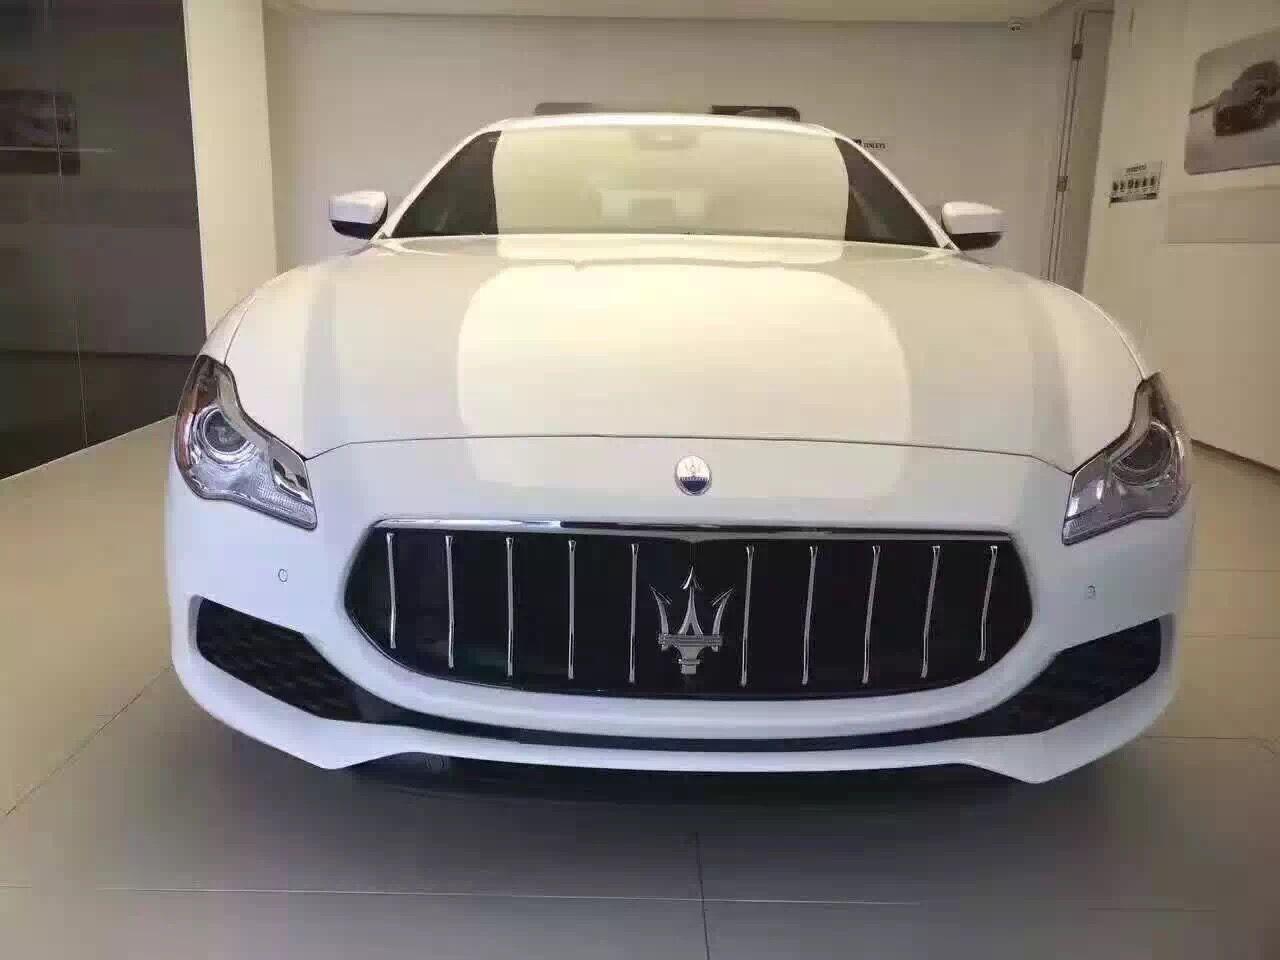 玛莎总裁_17款玛莎拉蒂总裁现车多少钱 玛莎轿跑底价提